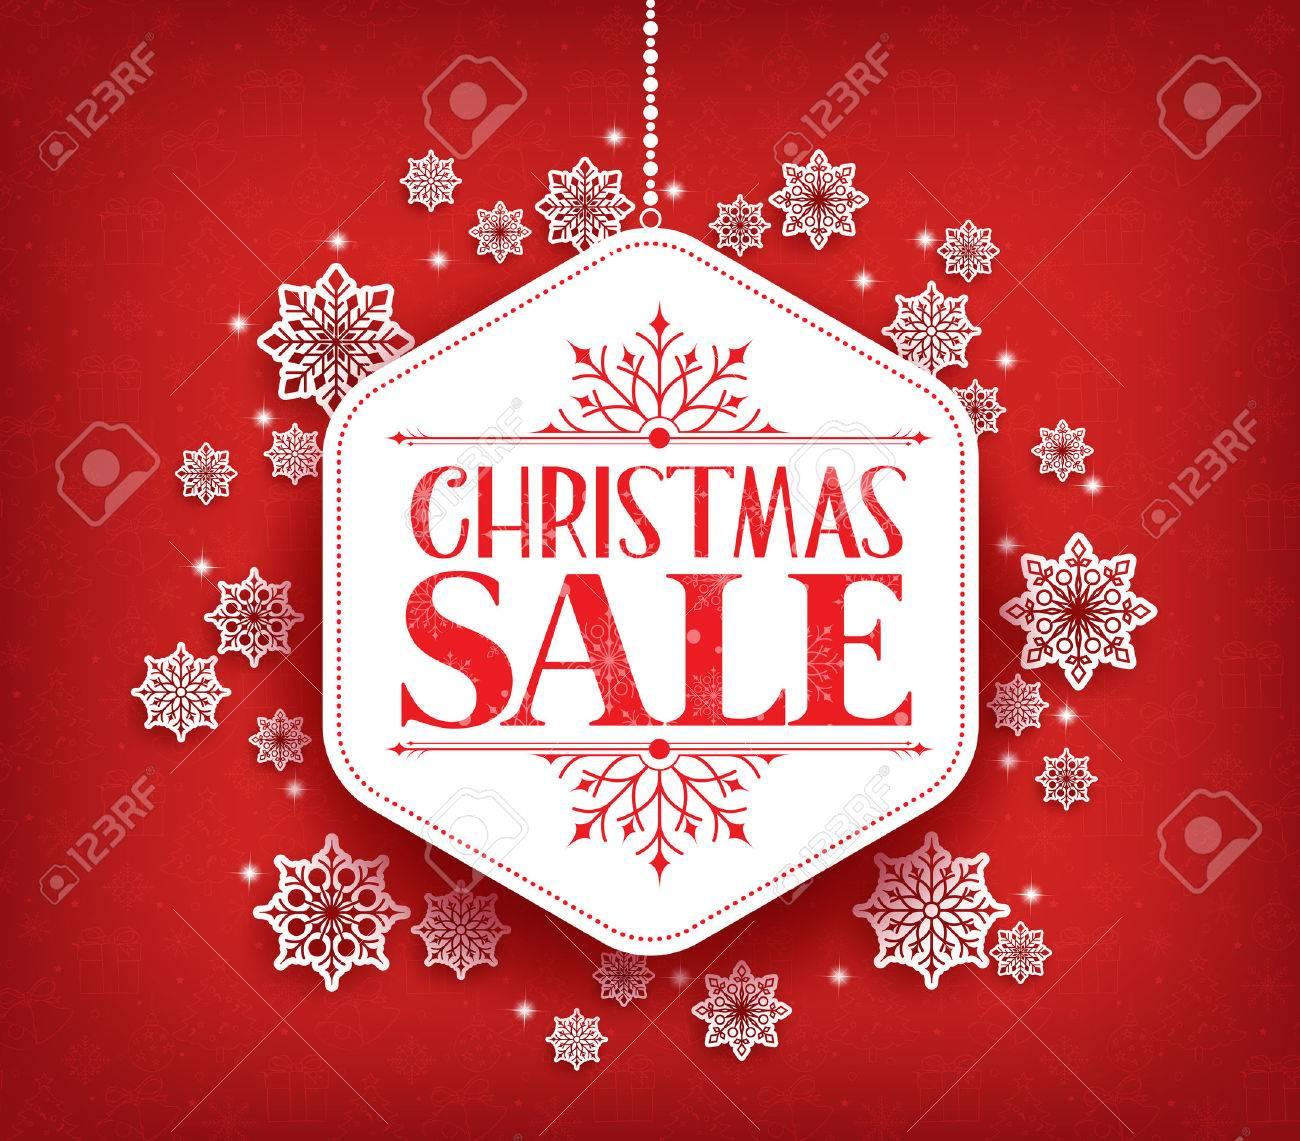 Don't miss Hobby Lobby Christmas sale